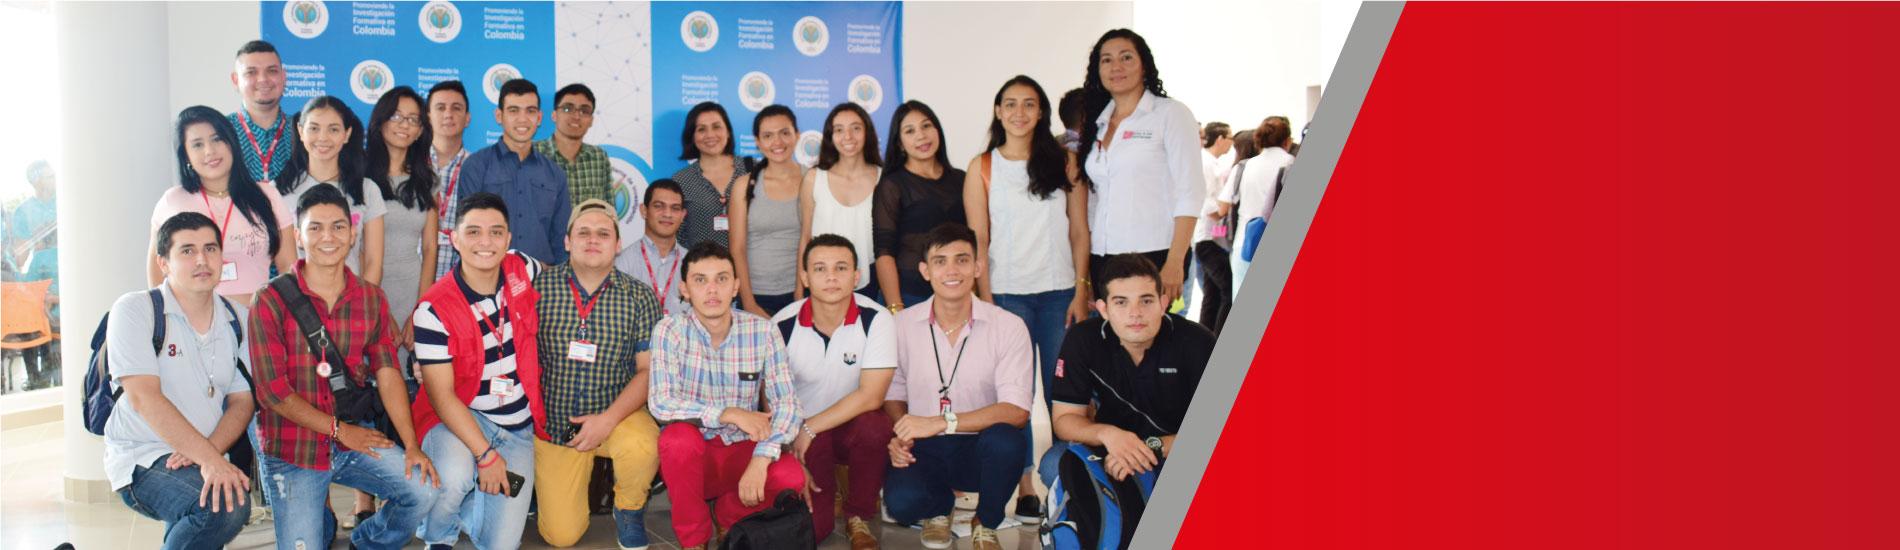 20 proyectos UFPS  en el XX Encuentro Nacional y XIV Internacional de Semilleros de Investigación